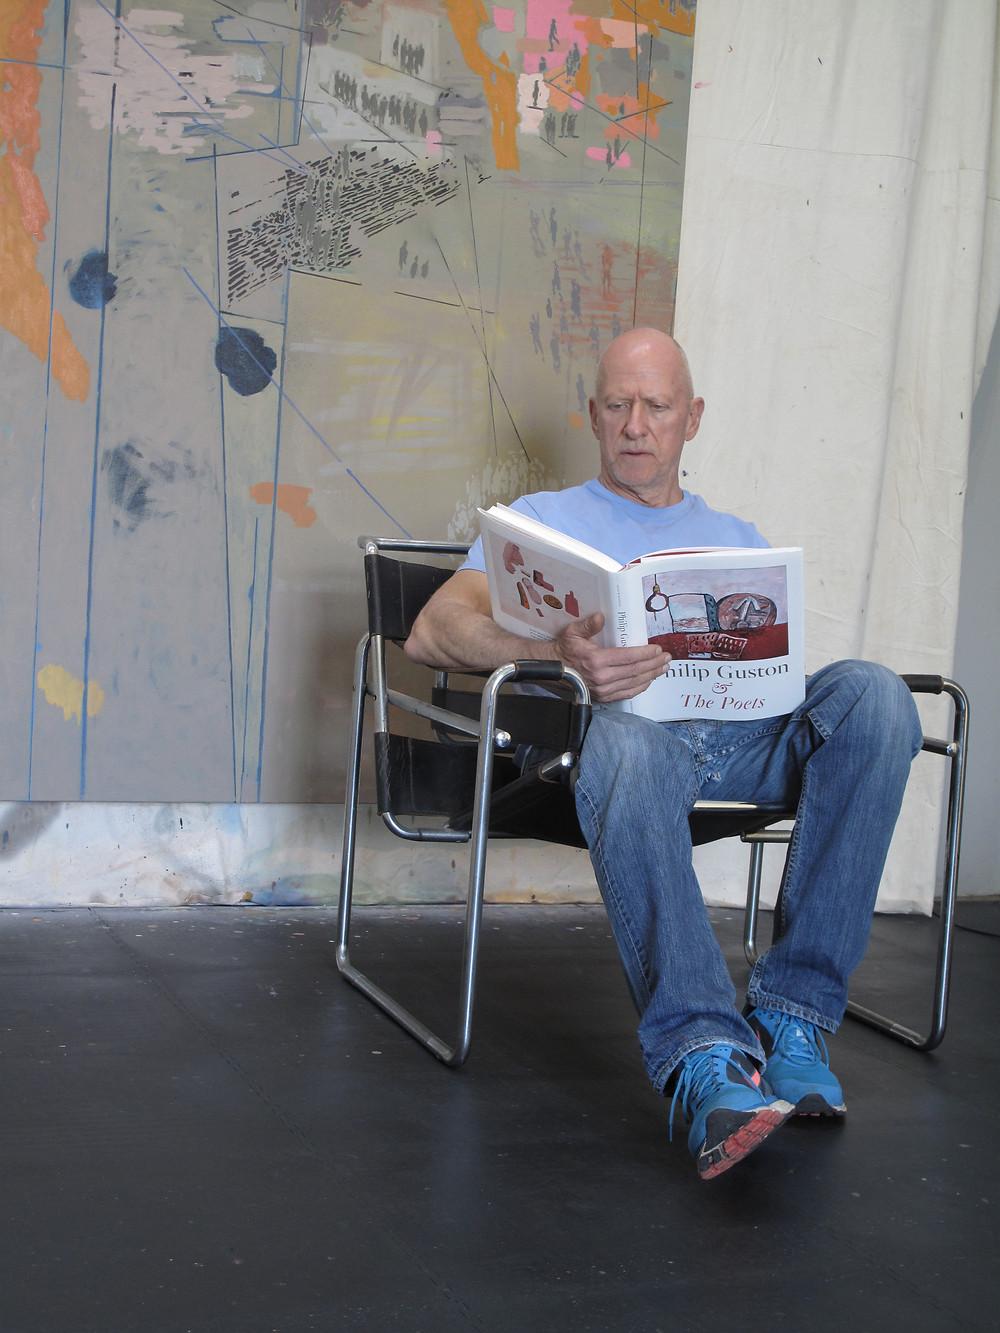 Clive van den Berg in his studio, Johannesburg, 2018